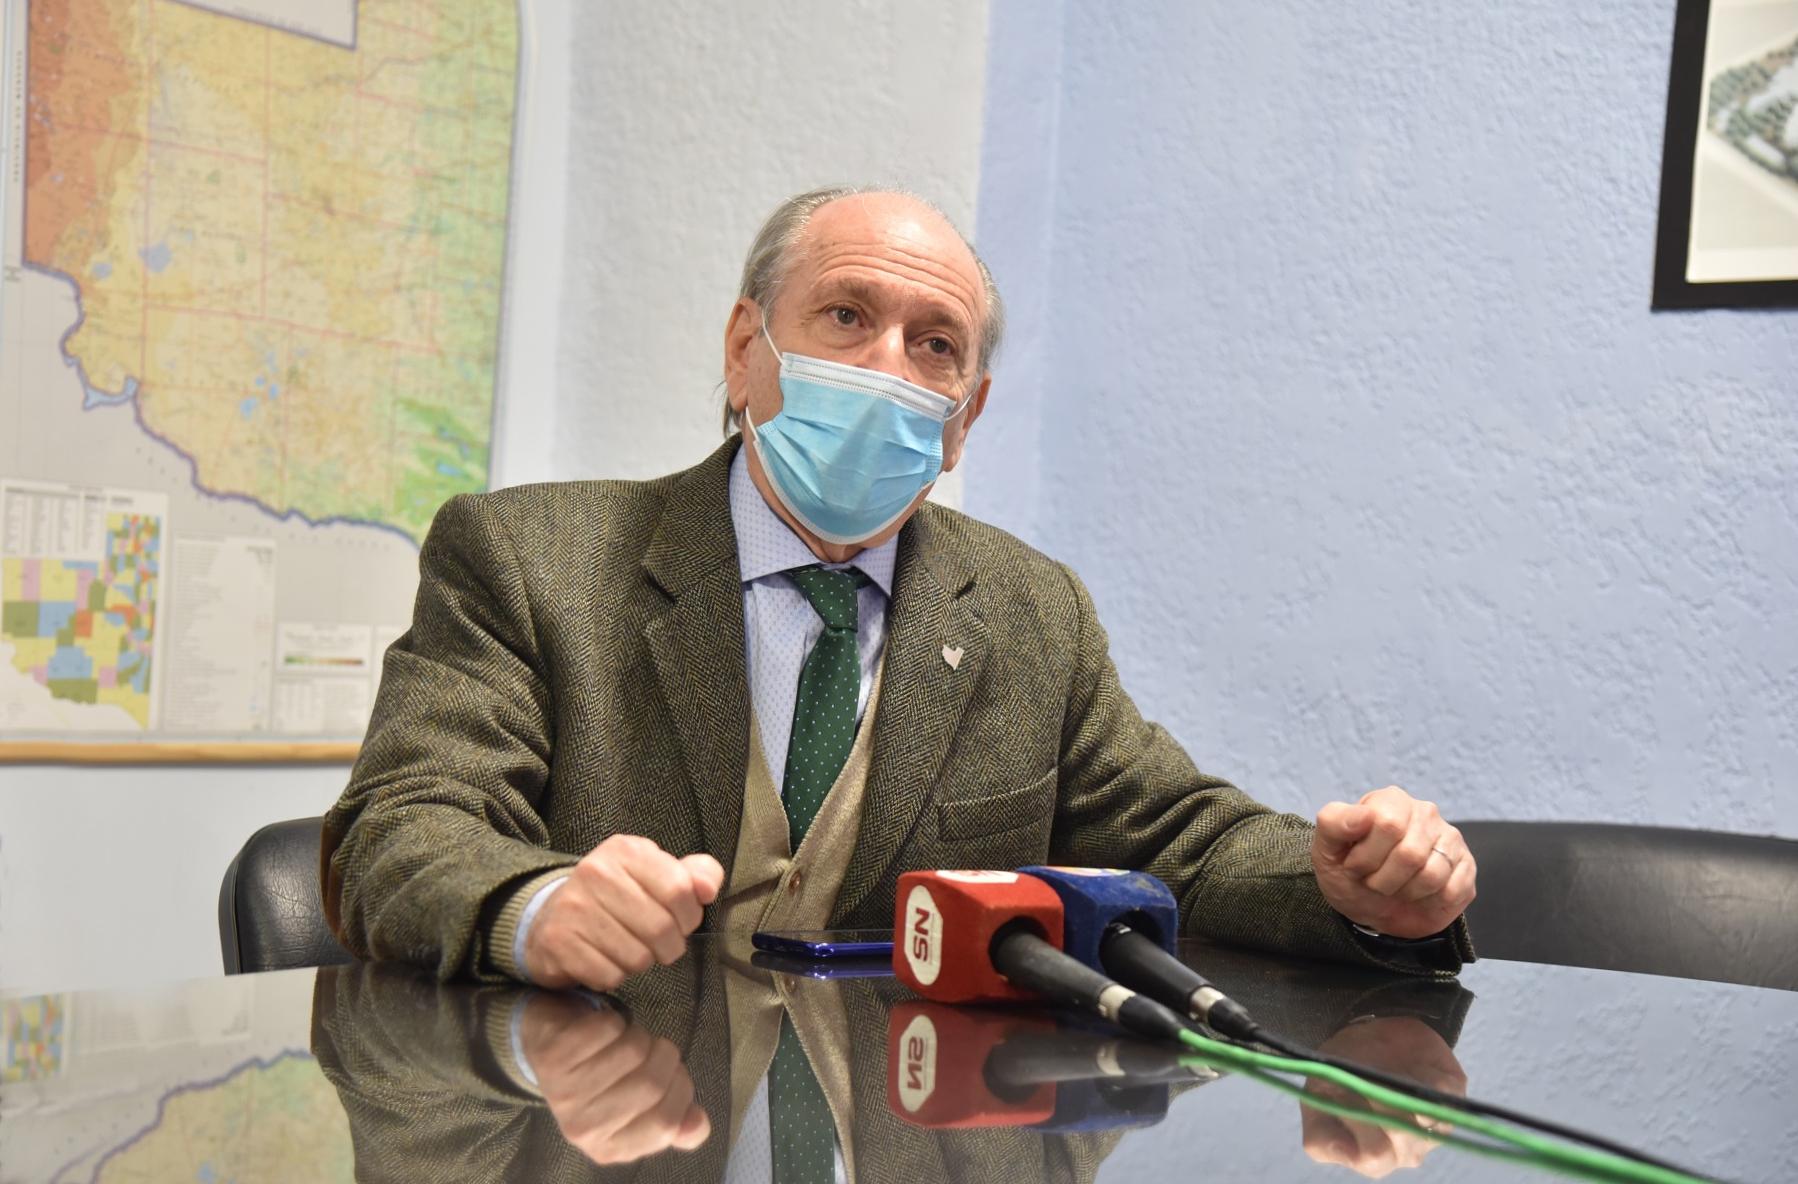 """""""Esta pandemia va a durar mucho tiempo y con vacuna incluida"""", afirmó el Ministro de Salud, Mario Kohan sobre el coronavirus"""